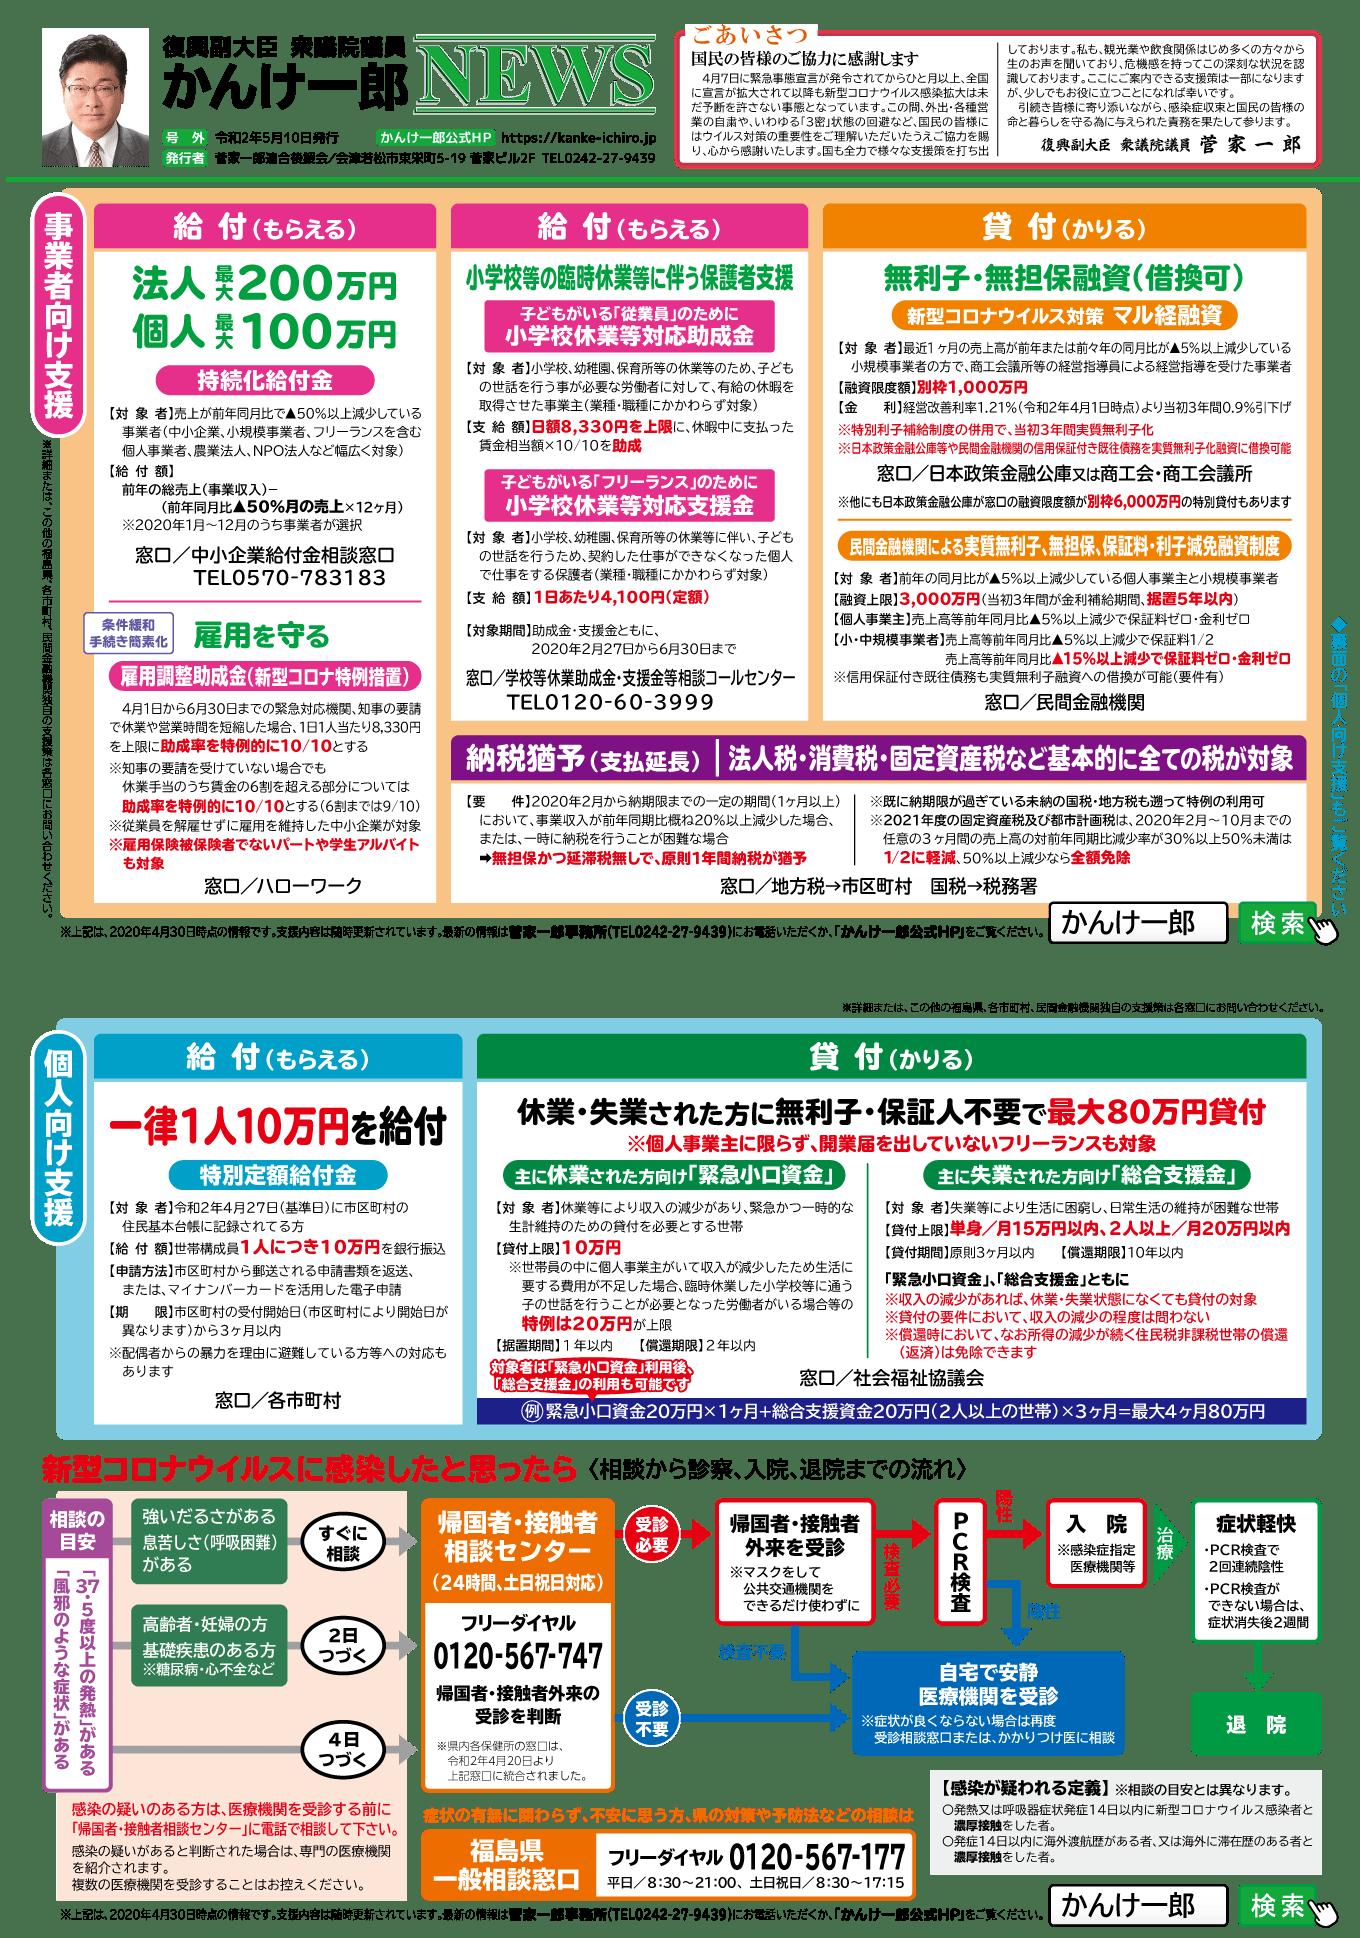 菅家一郎ニュース